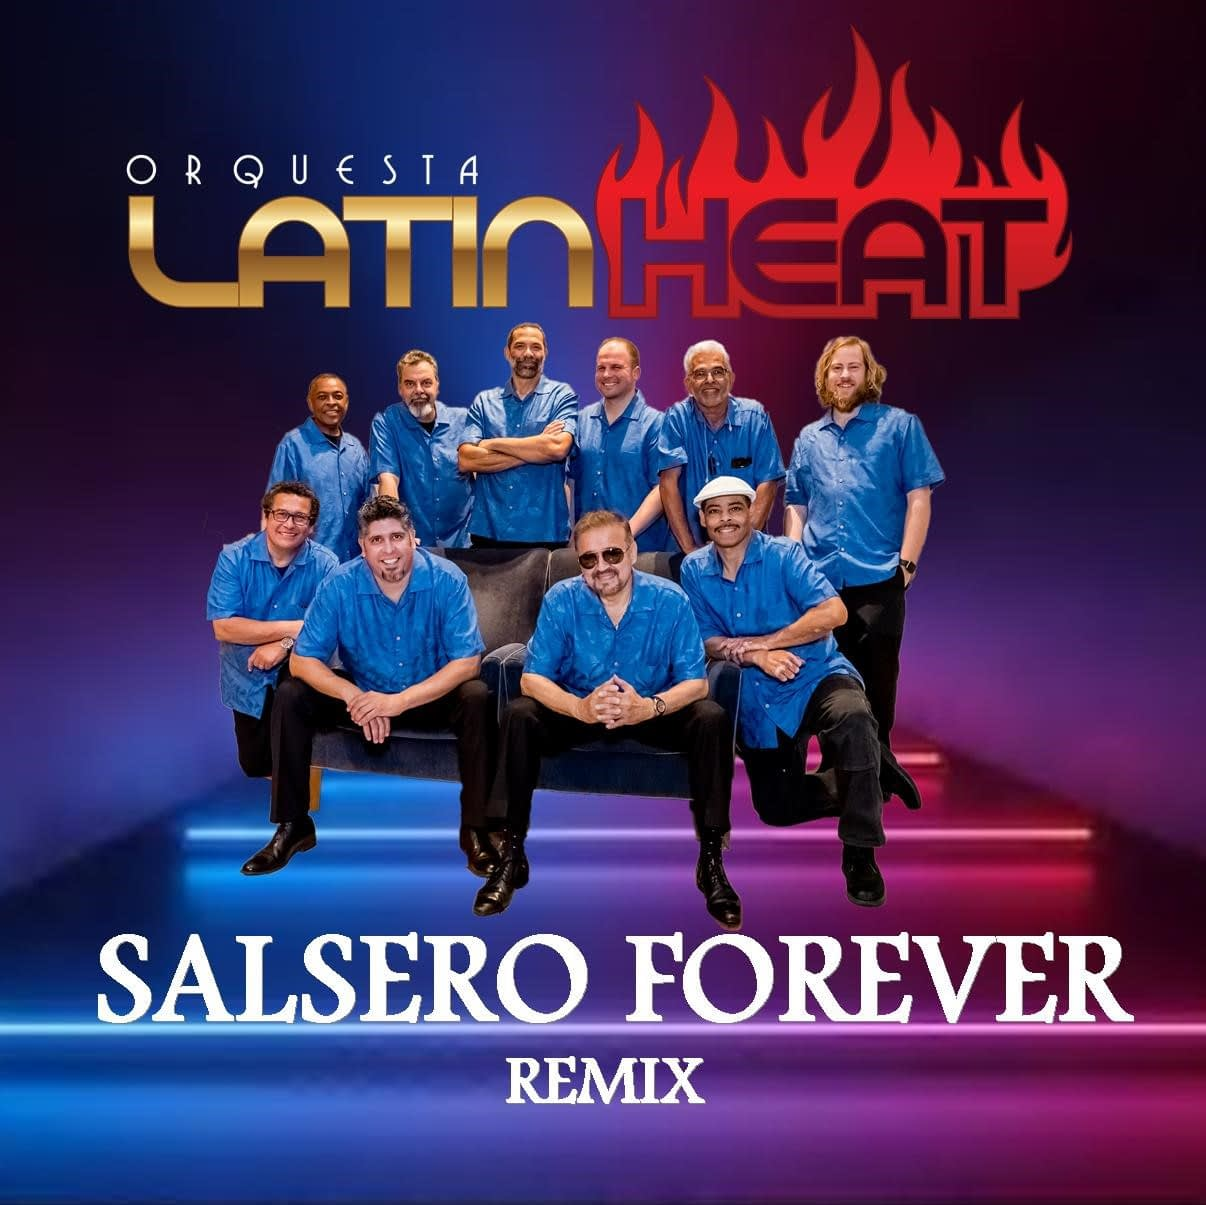 Salsero Forever (remix) - Orquesta Latin Heat